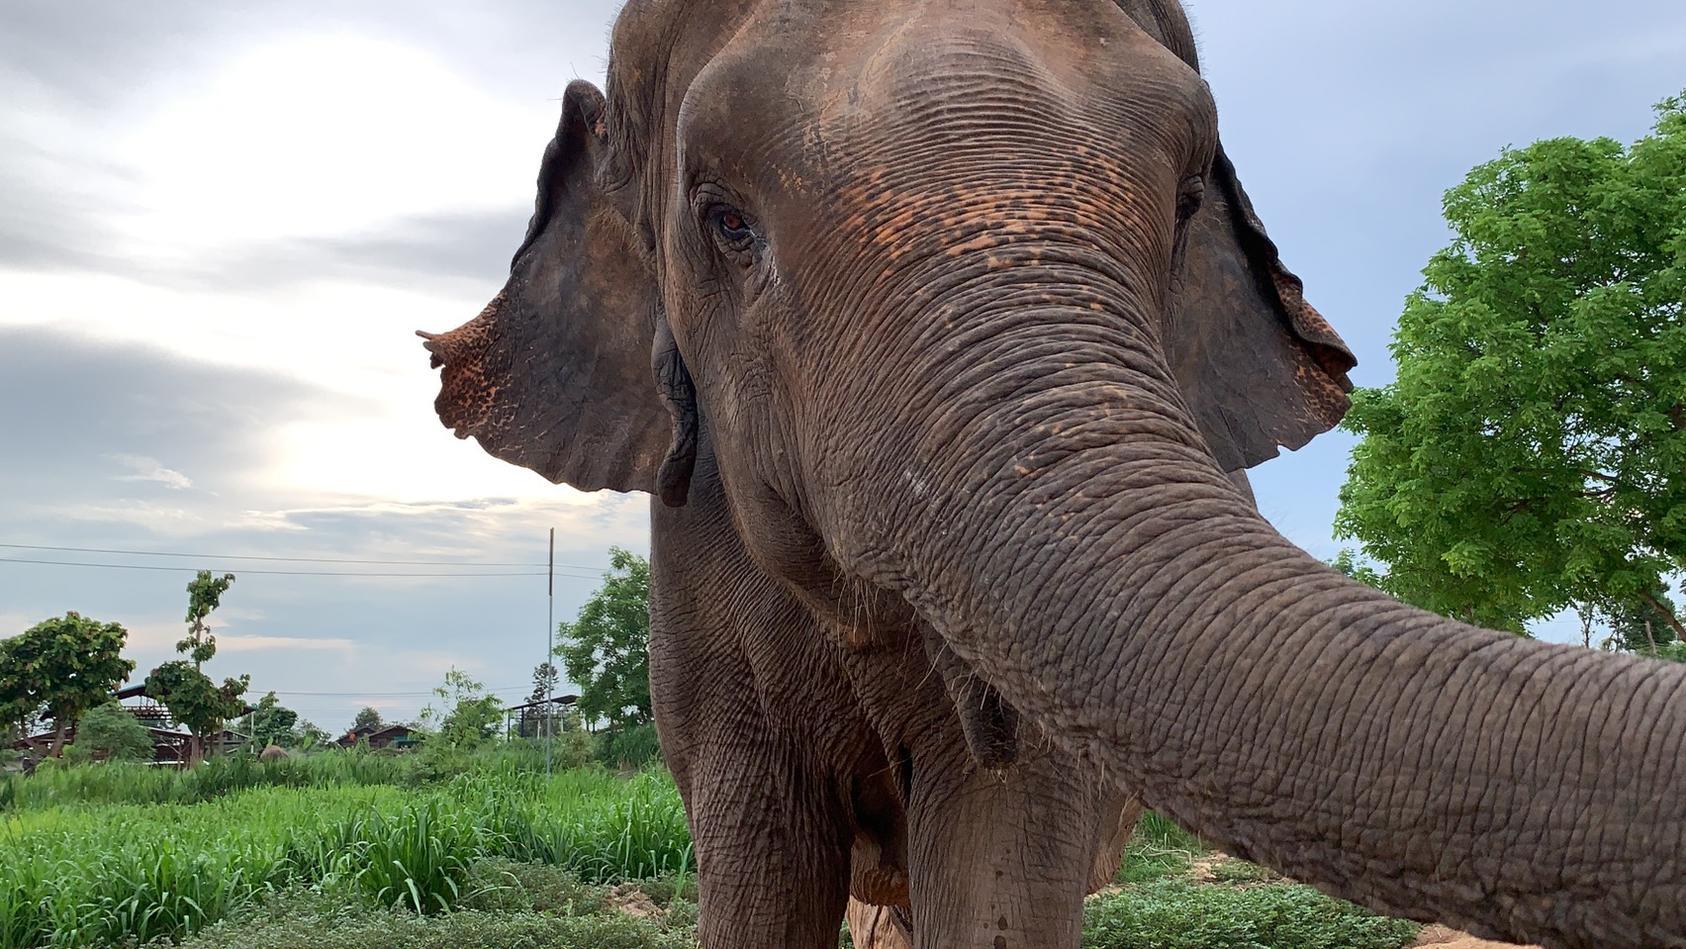 In Spanien wurde ein Tierpfleger von einer Elefantenkuh getötet (Foto: Motivbild)